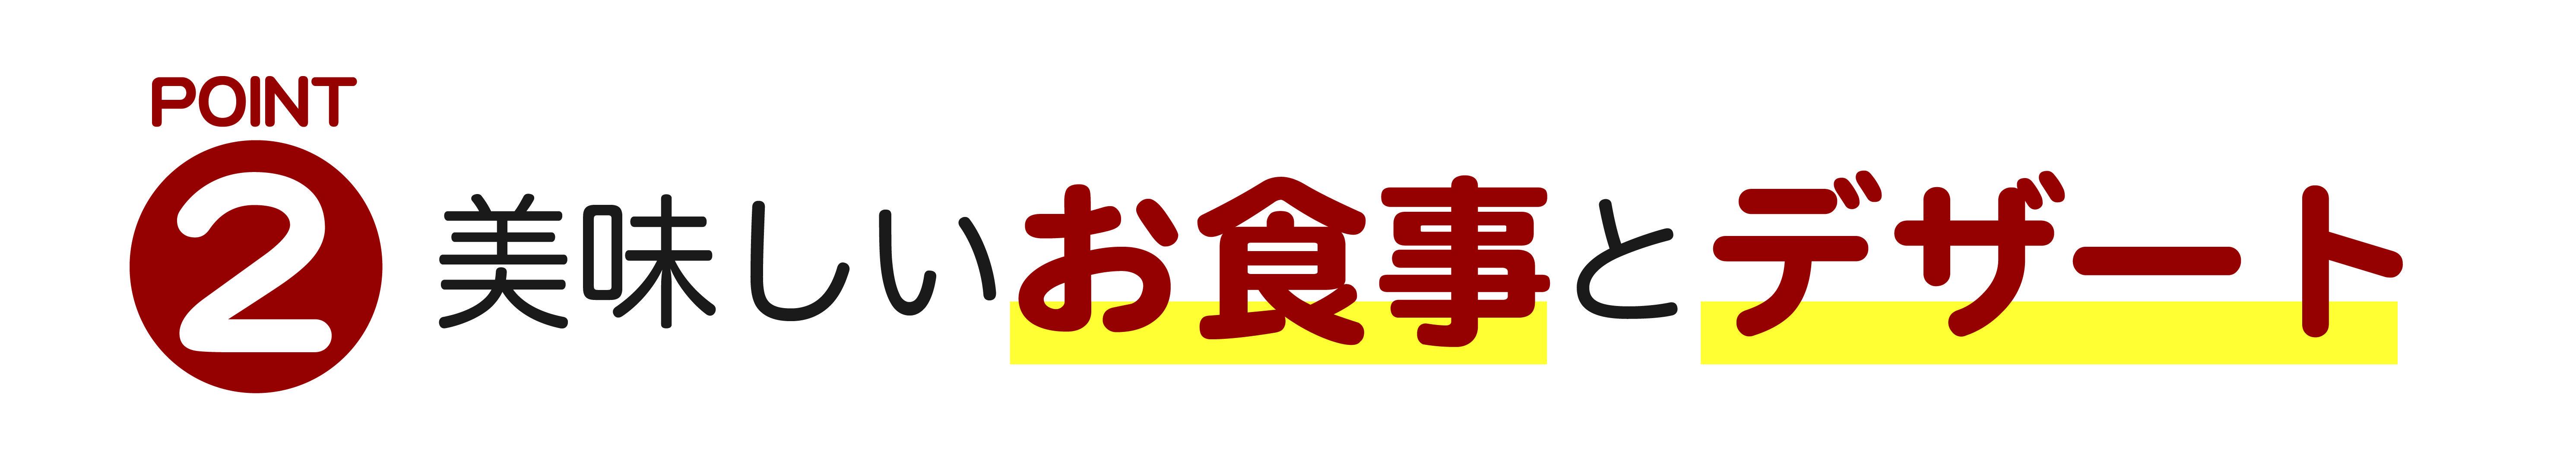 街コン広告-2-02